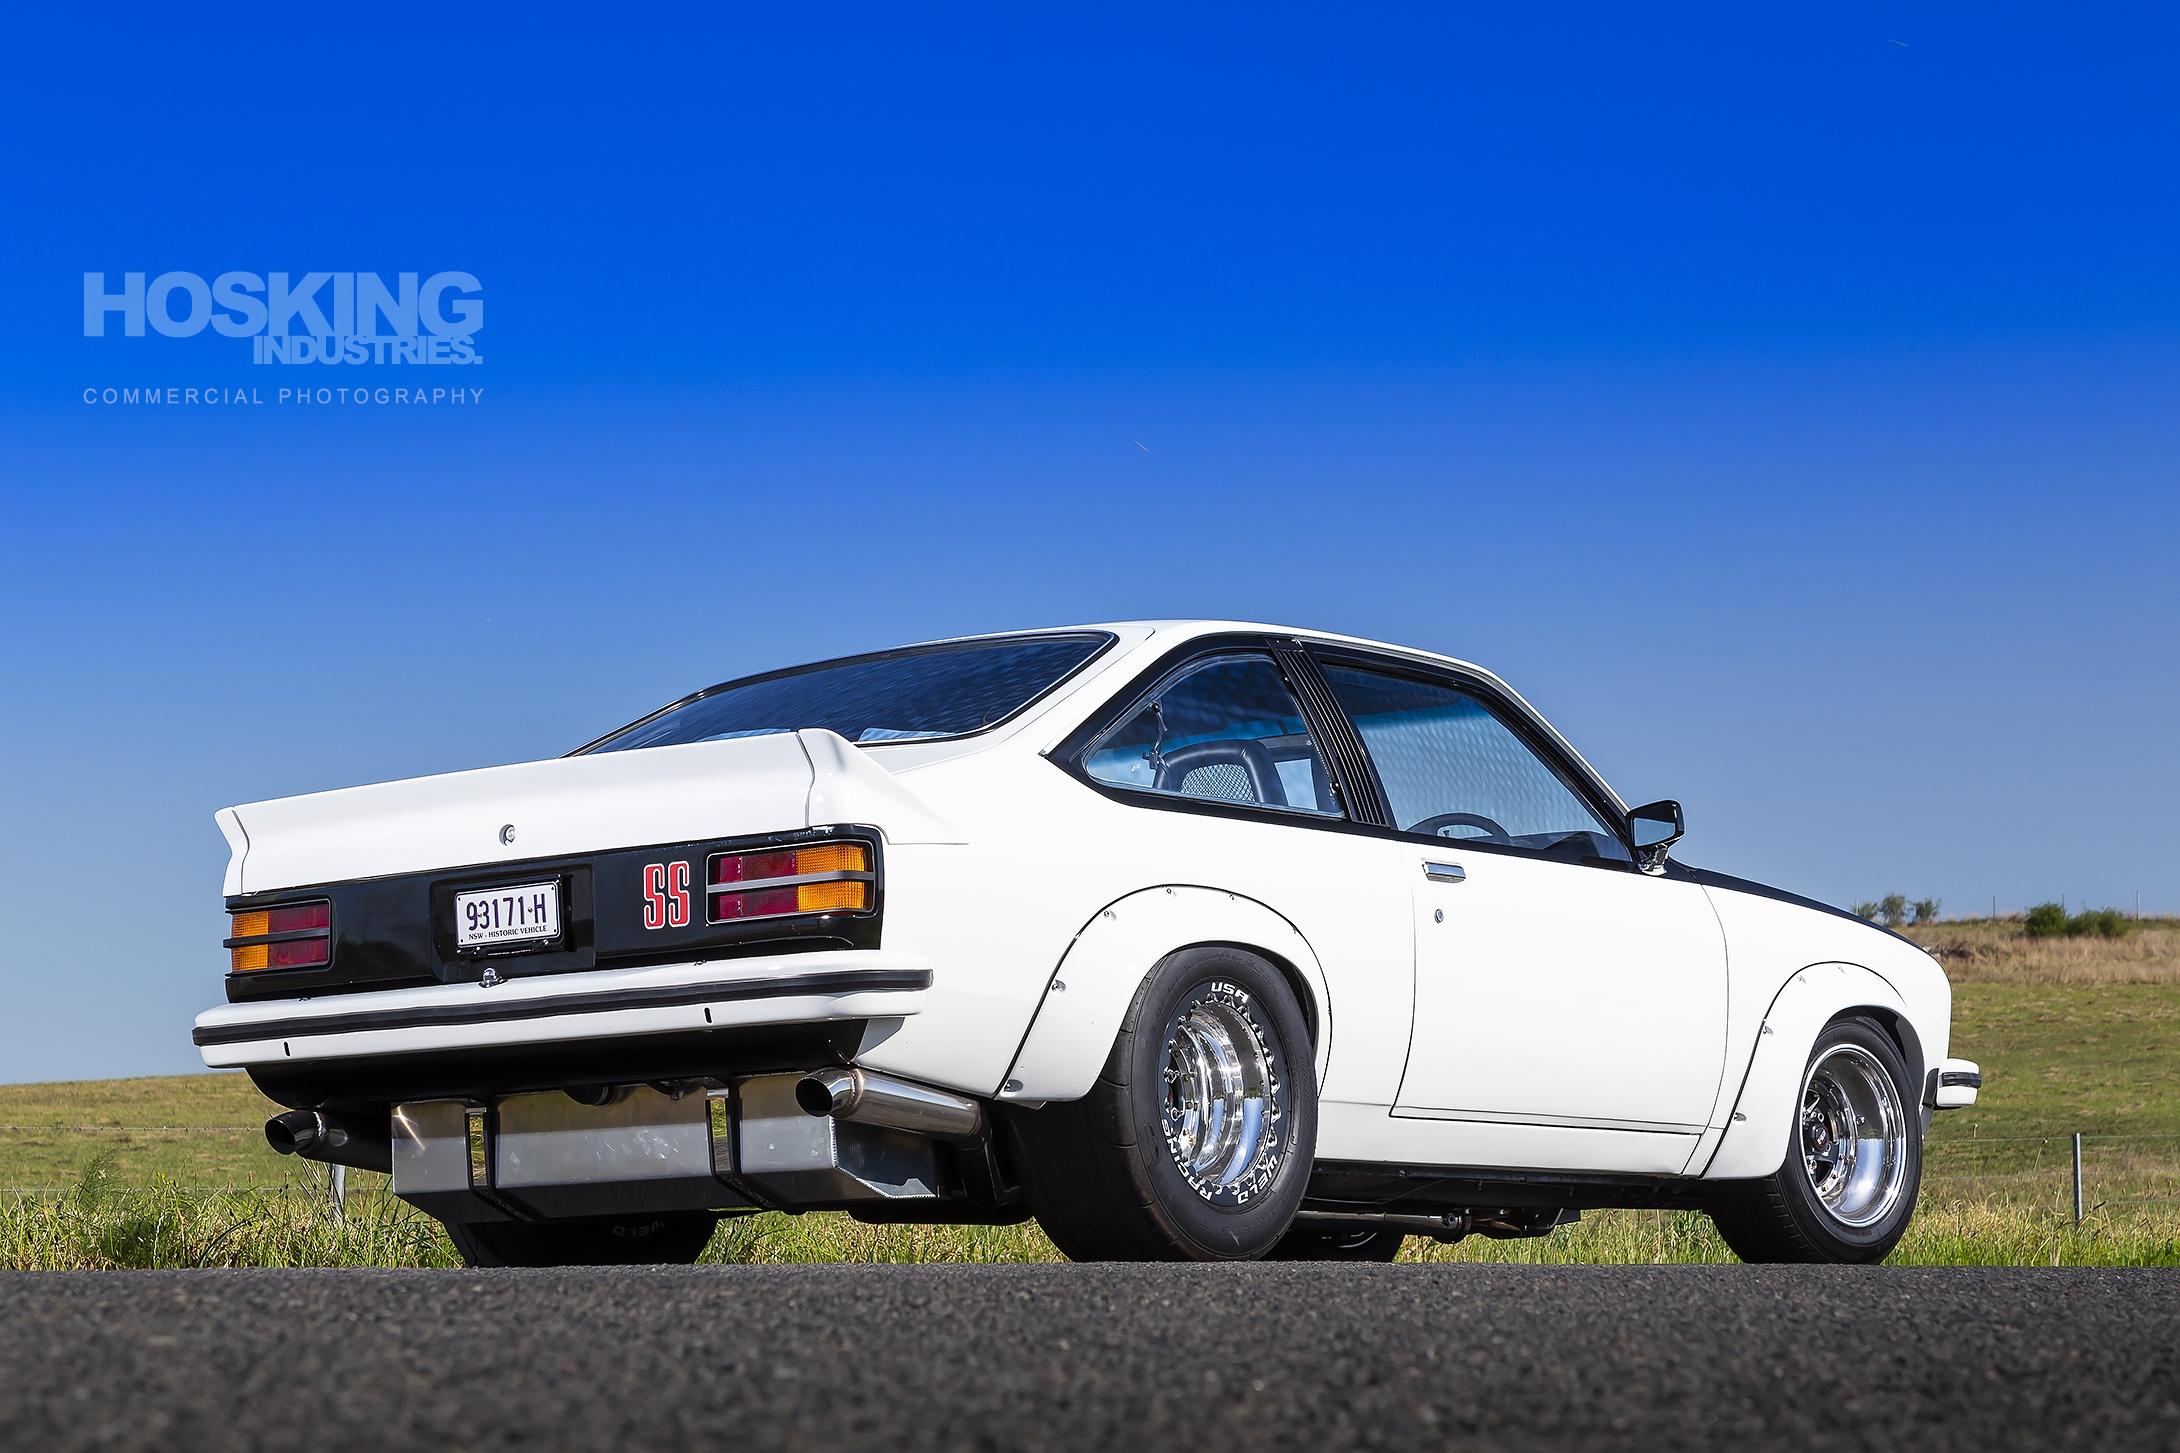 Muss' white 1977 Holden LX SS Torana